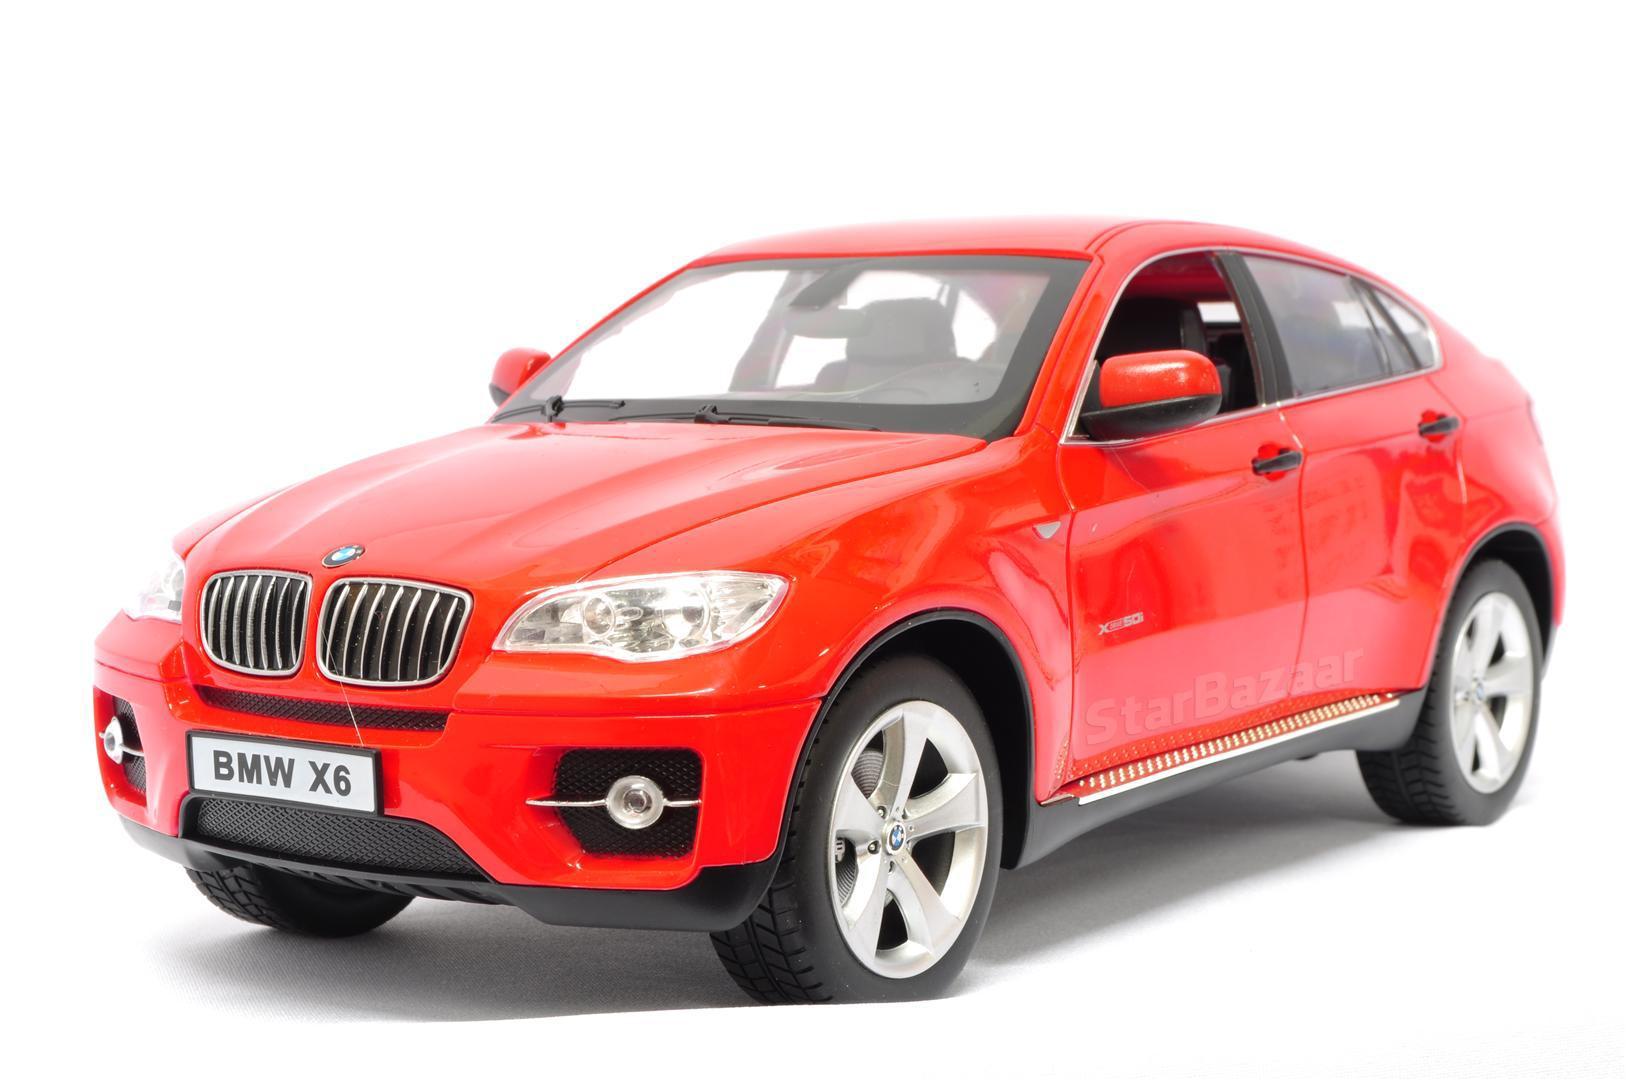 BMW X6 RC Auto